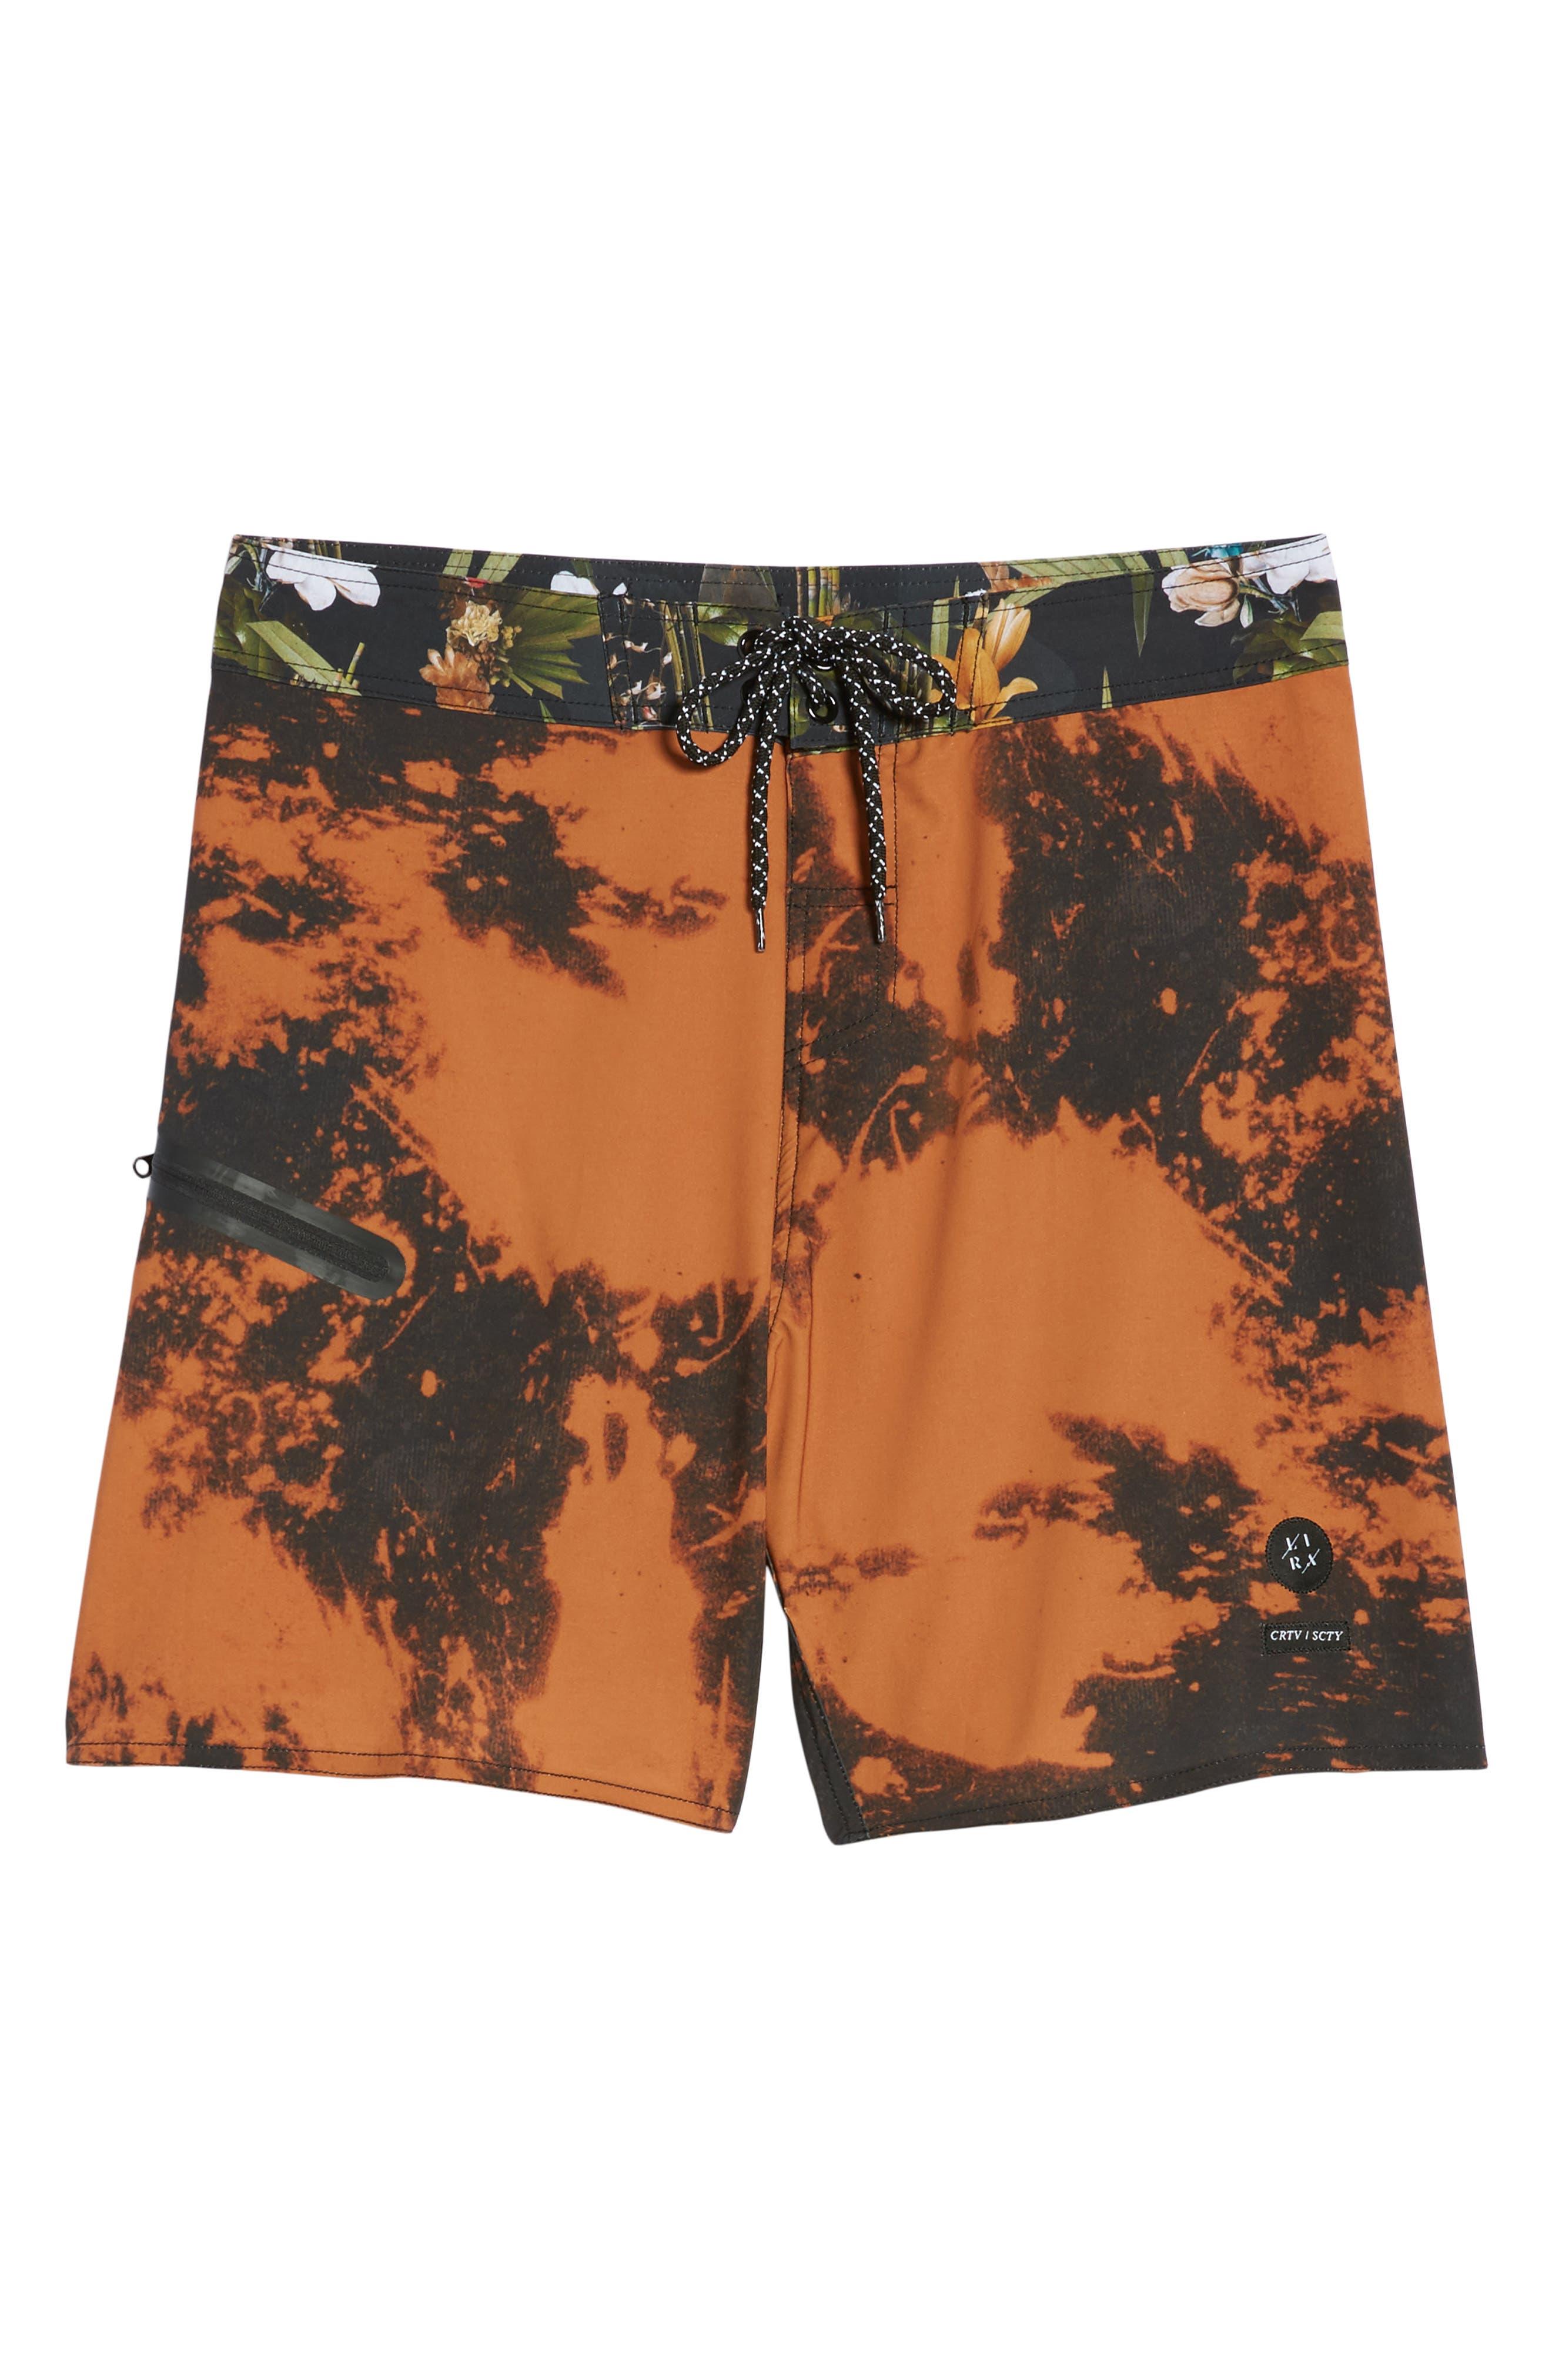 Tandem Swim Shorts,                             Alternate thumbnail 6, color,                             Black